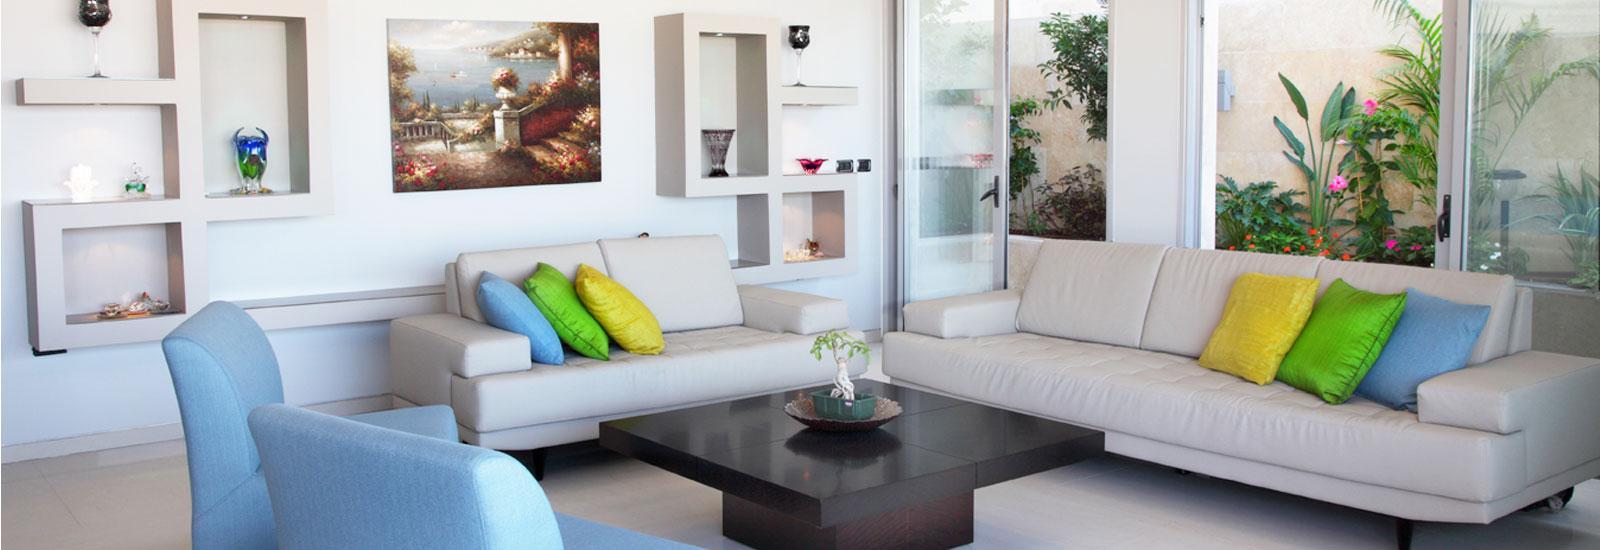 עיצוב דירות, עיצוב פנים לדירות, מעצבת דירות